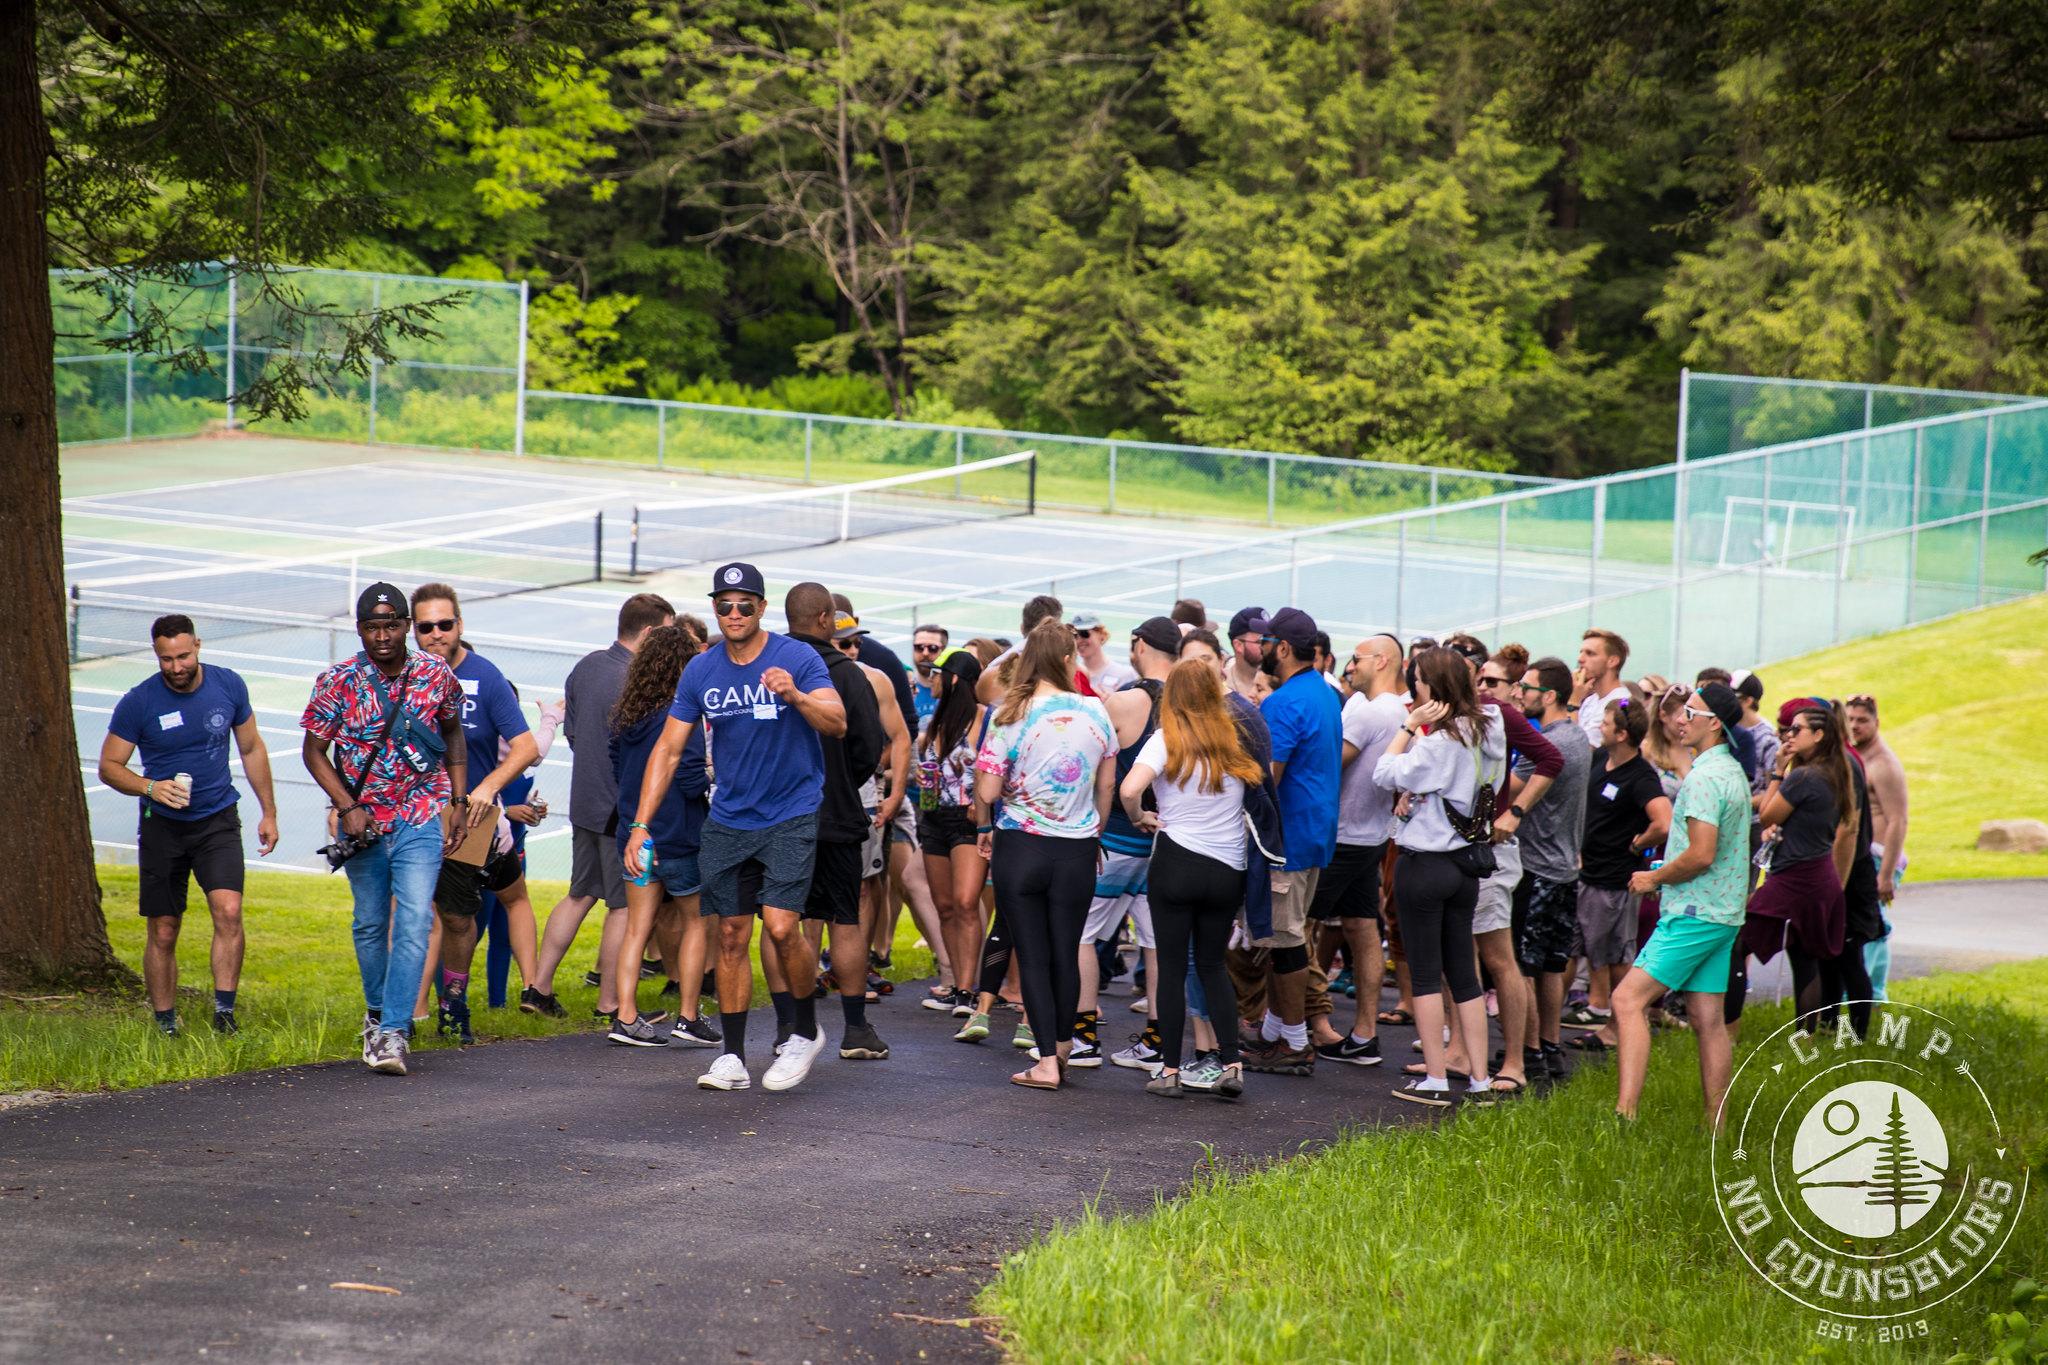 meet-new-people-summer-camp.jpg